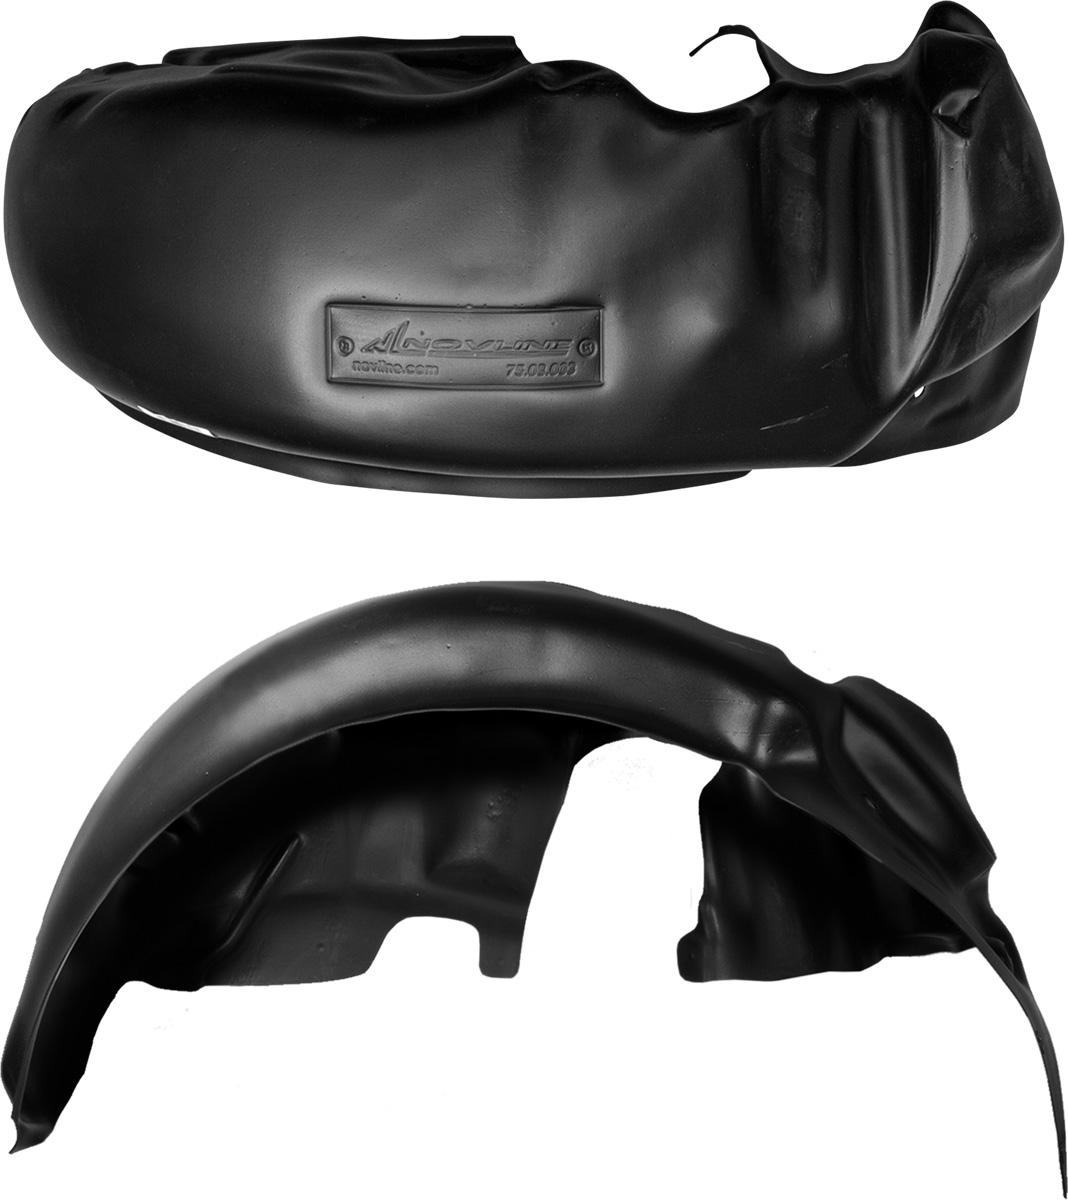 Подкрылок Novline-Autofamily, для Great Wall Hover, 2006-2010, передний левыйNLL.59.04.001Колесные ниши - одни из самых уязвимых зон днища вашего автомобиля. Они постоянно подвергаются воздействию со стороны дороги. Лучшая, почти абсолютная защита для них - специально отформованные пластиковые кожухи, которые называются подкрылками. Производятся они как для отечественных моделей автомобилей, так и для иномарок. Подкрылки Novline-Autofamily выполнены из высококачественного, экологически чистого пластика. Обеспечивают надежную защиту кузова автомобиля от пескоструйного эффекта и негативного влияния, агрессивных антигололедных реагентов. Пластик обладает более низкой теплопроводностью, чем металл, поэтому в зимний период эксплуатации использование пластиковых подкрылков позволяет лучше защитить колесные ниши от налипания снега и образования наледи. Оригинальность конструкции подчеркивает элегантность автомобиля, бережно защищает нанесенное на днище кузова антикоррозийное покрытие и позволяет осуществить крепление подкрылков внутри колесной арки практически без дополнительного крепежа и сверления, не нарушая при этом лакокрасочного покрытия, что предотвращает возникновение новых очагов коррозии. Подкрылки долговечны, обладают высокой прочностью и сохраняют заданную форму, а также все свои физико-механические характеристики в самых тяжелых климатических условиях (от -50°С до +50°С).Уважаемые клиенты!Обращаем ваше внимание, на тот факт, что подкрылок имеет форму, соответствующую модели данного автомобиля. Фото служит для визуального восприятия товара.